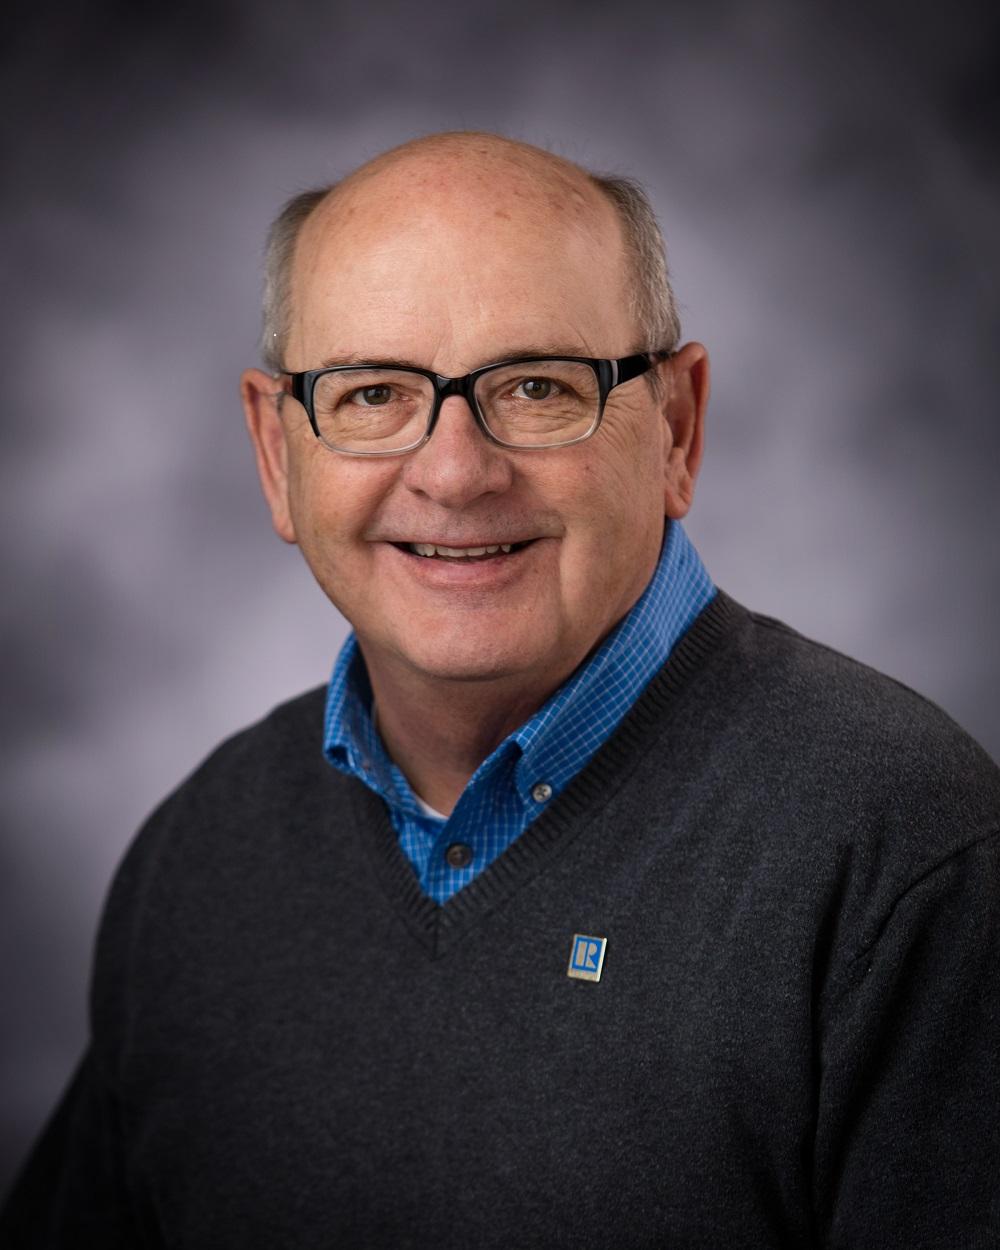 bill senior real estate specialist lincoln